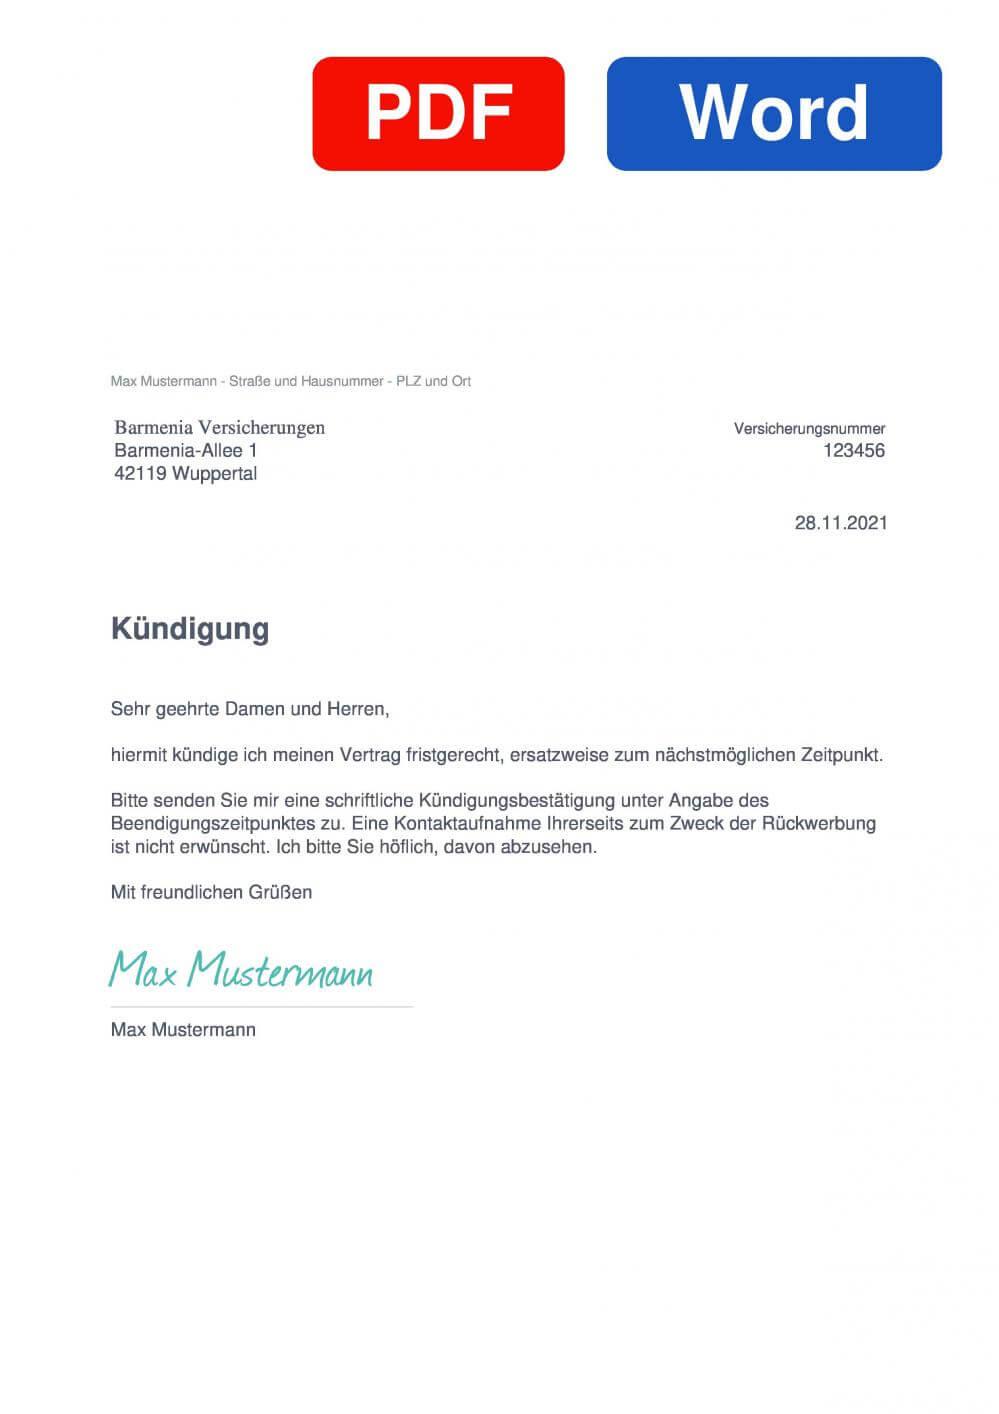 Barmenia KFZ - Versicherung Muster Vorlage für Kündigungsschreiben